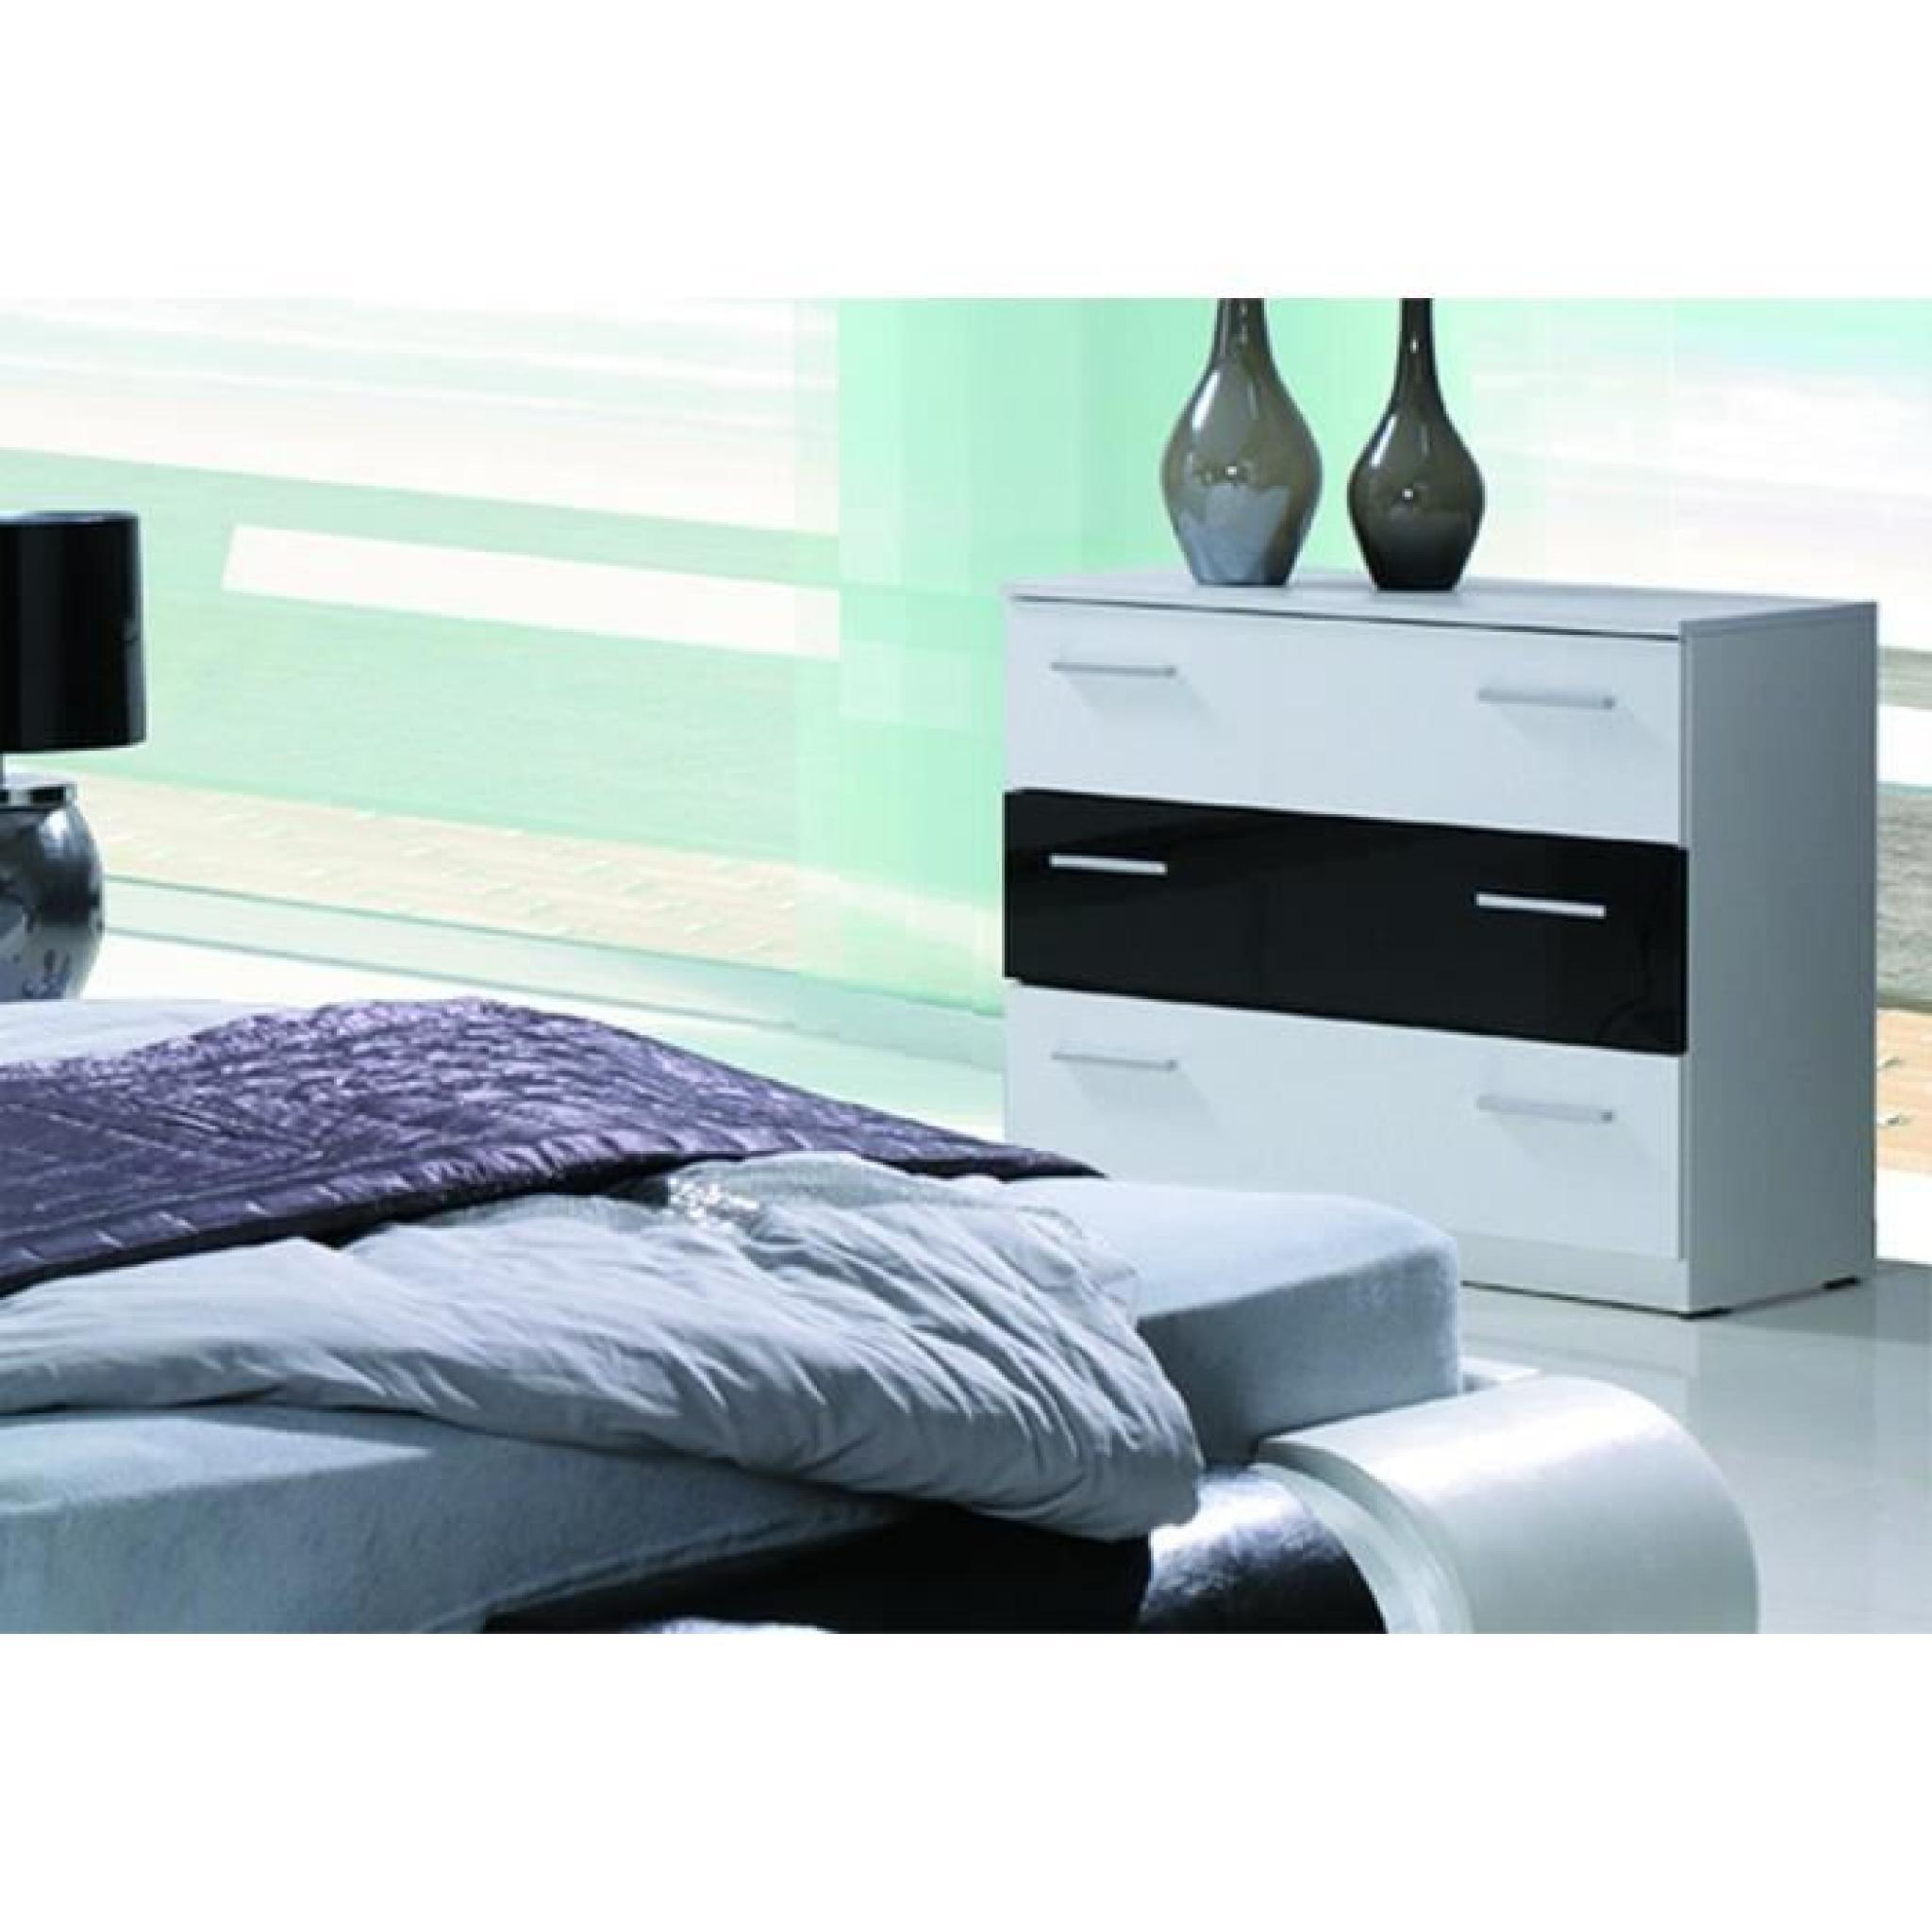 Ensemble Meubles Design Pour Chambre à Coucher TEXAS Blanc Et Noir Laqué.  Lit + 2